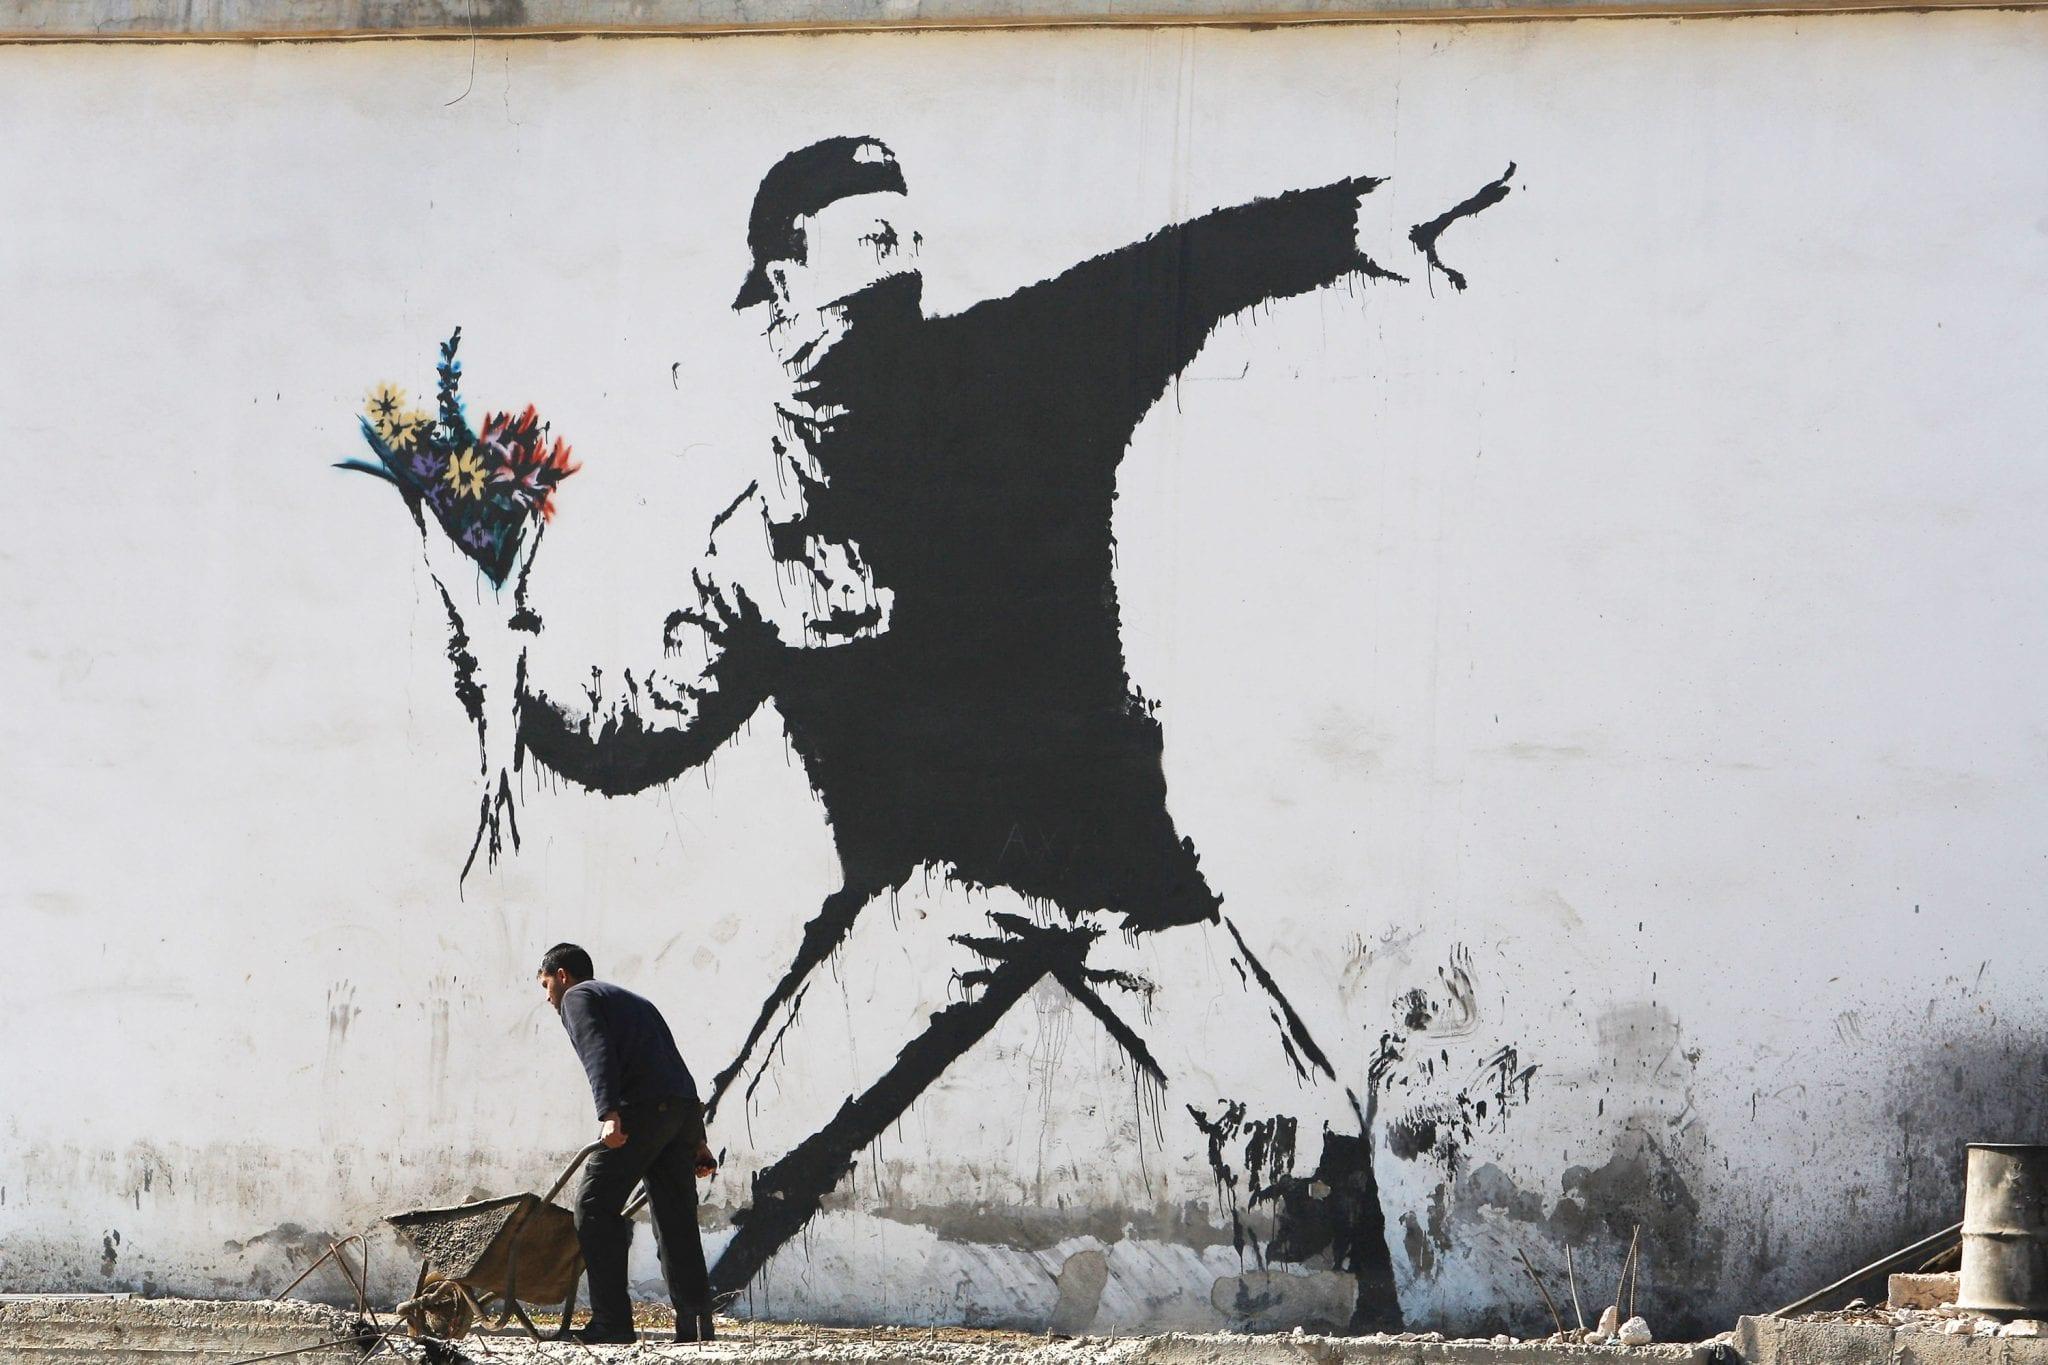 Chi è Banksy? Gli indizi guardano sempre più ad Art Attack!